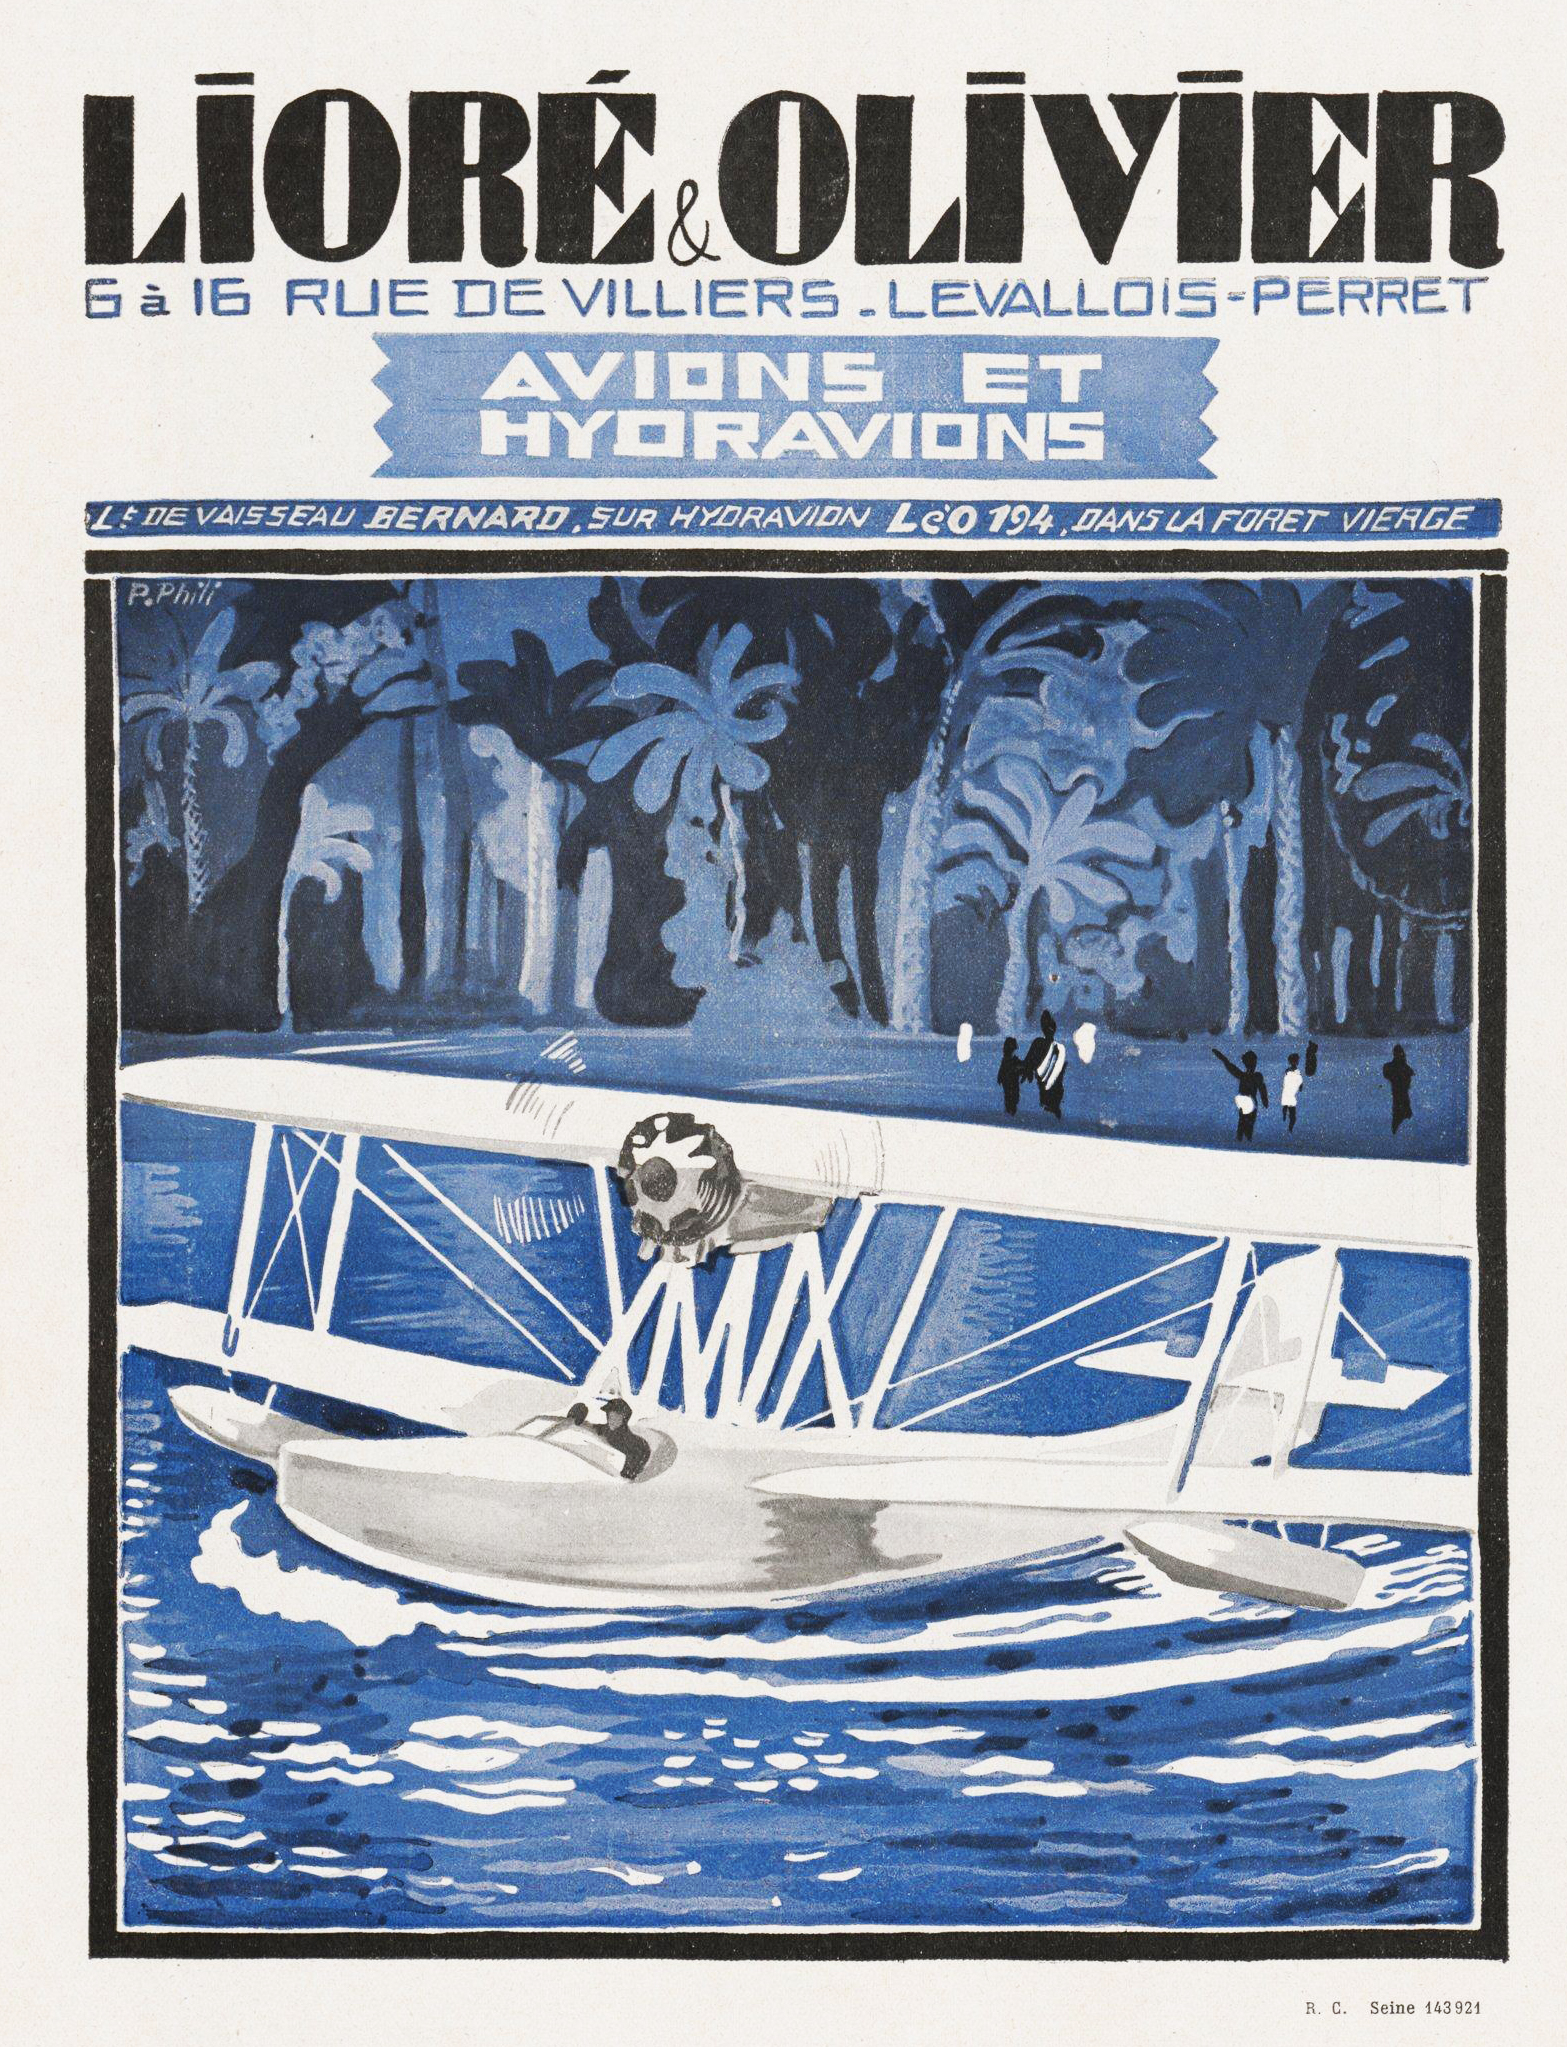 1929-feb-laeronautique2